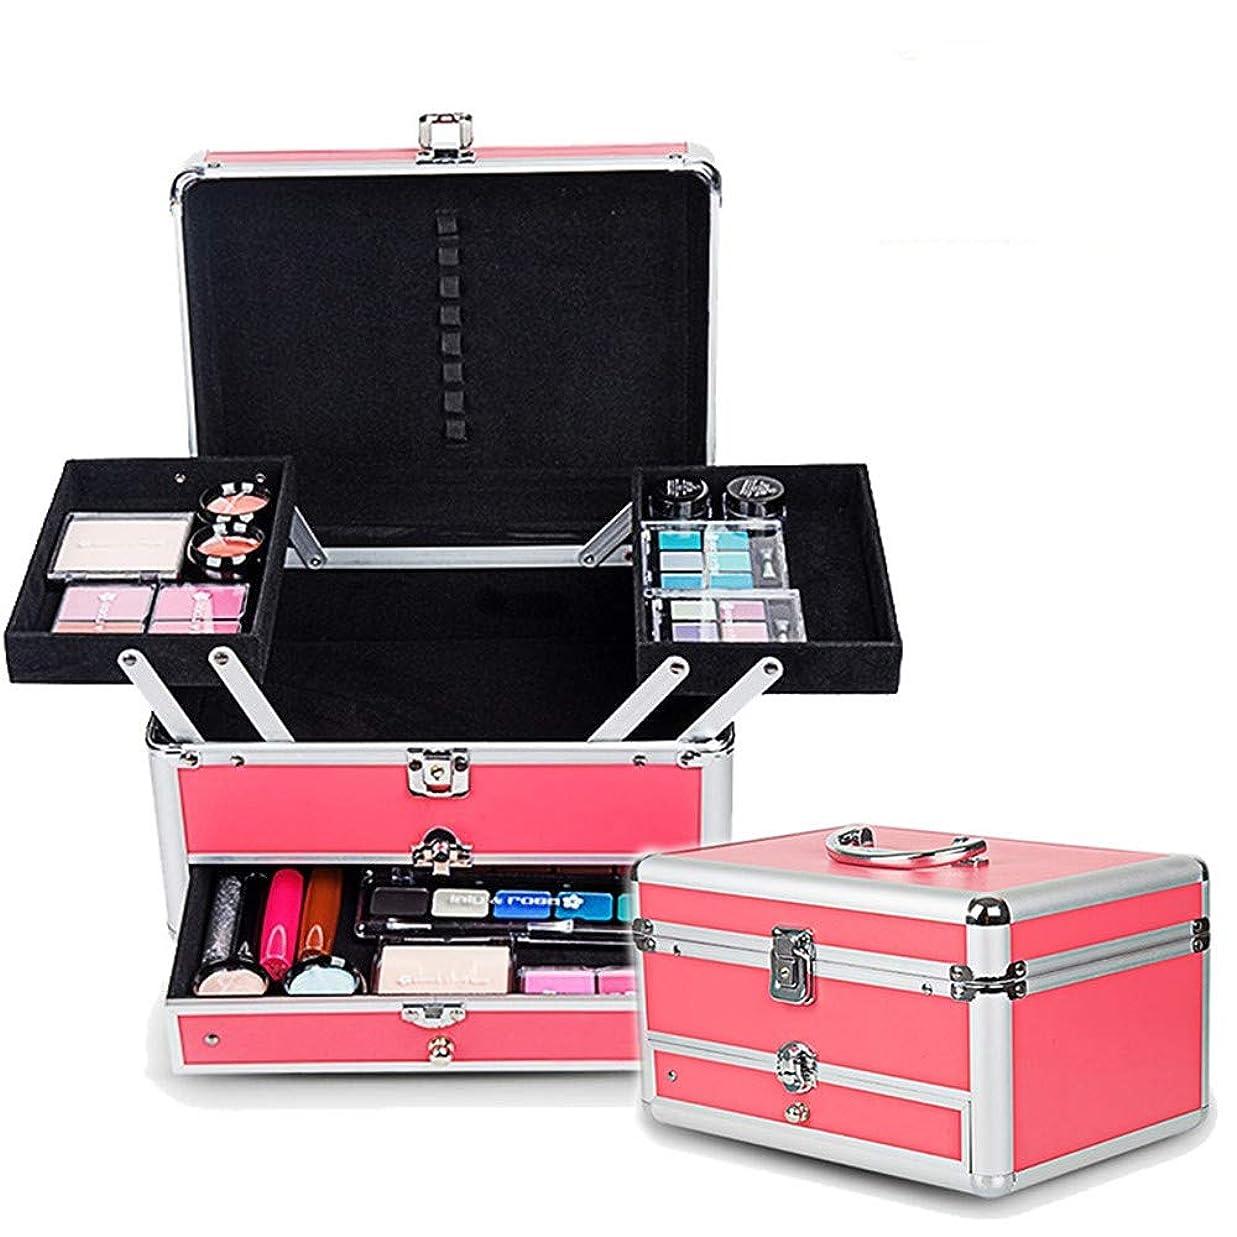 航空機朝ブレーキ特大スペース収納ビューティーボックス 女の子の女性旅行のための新しく、実用的な携帯用化粧箱およびロックおよび皿が付いている毎日の貯蔵 化粧品化粧台 (色 : ピンク)